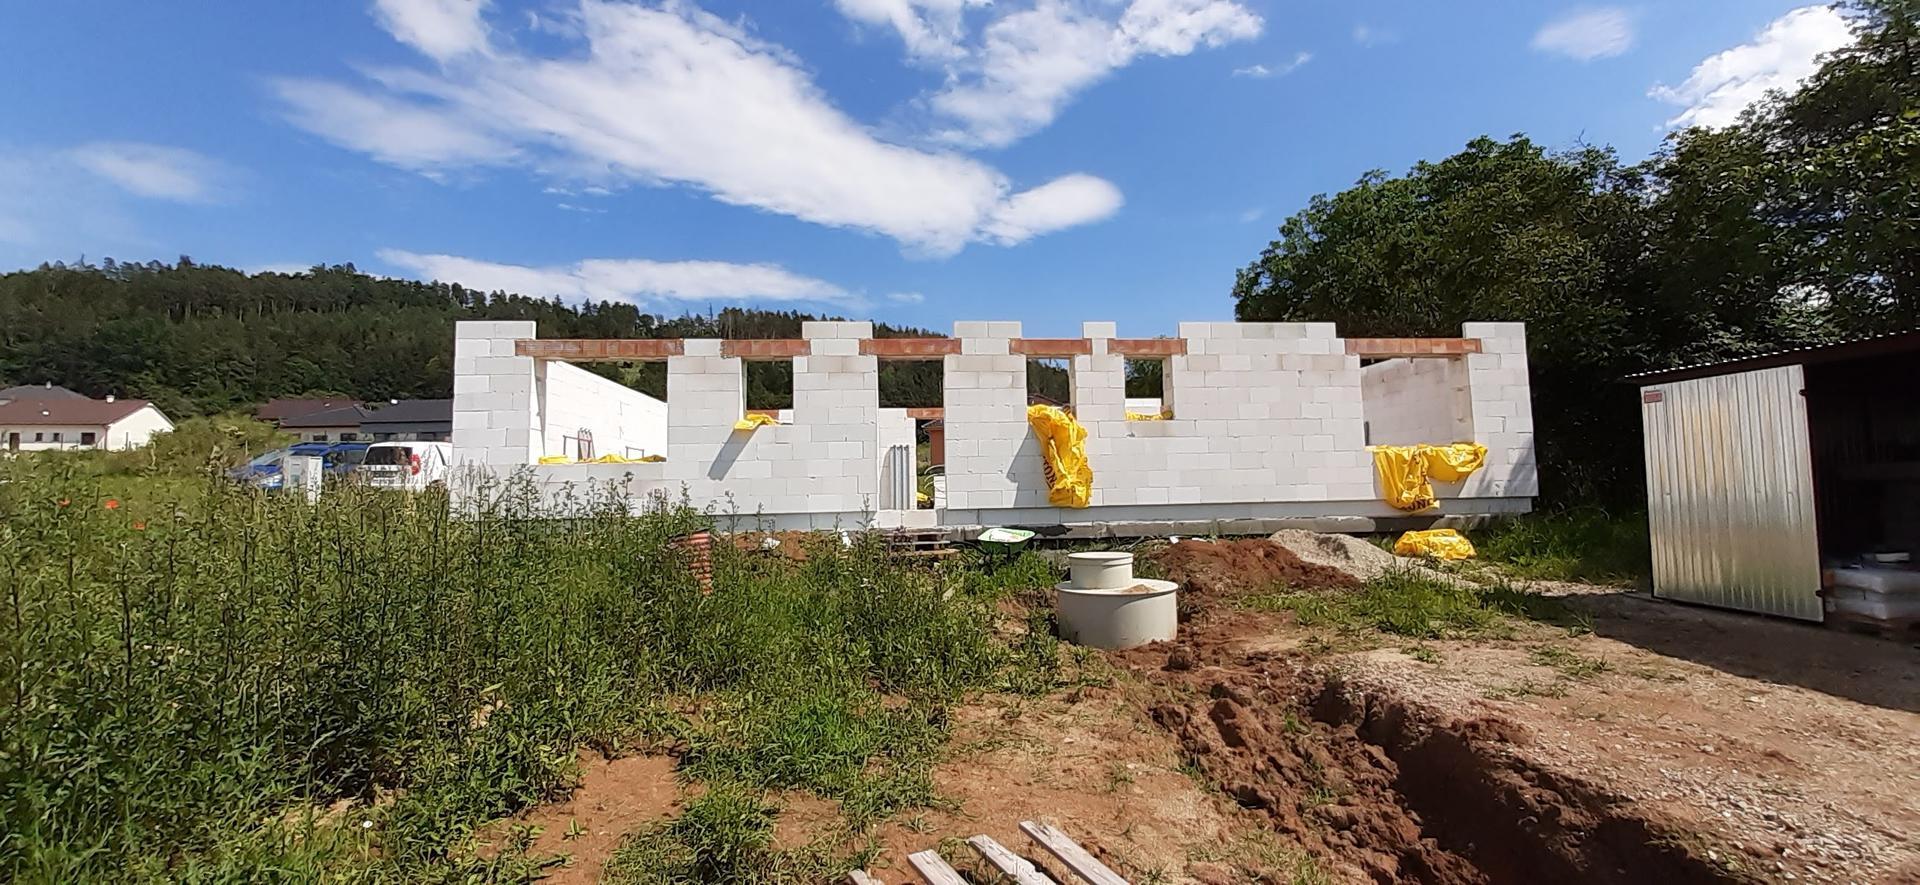 Hrubá stavba - březen - zaří 2020 - Obrázek č. 10